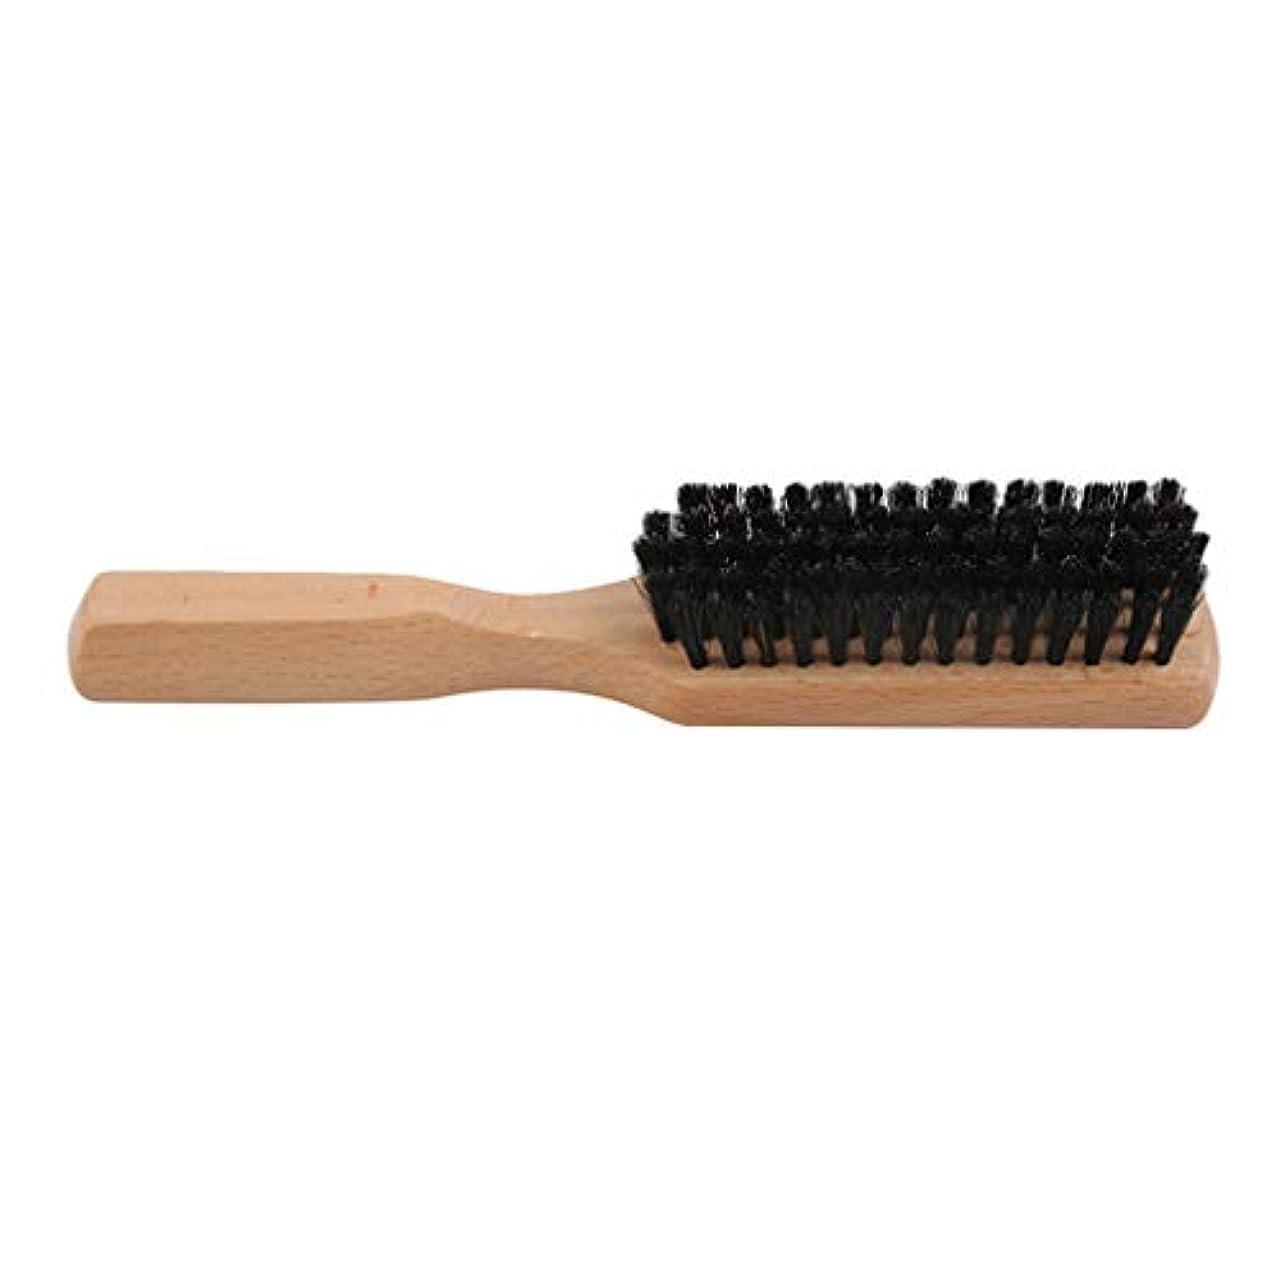 絶望残高可決Cngstar シェービング用ブラシ シェービングブラシ メンズ 洗顔 理容 洗顔 髭剃り